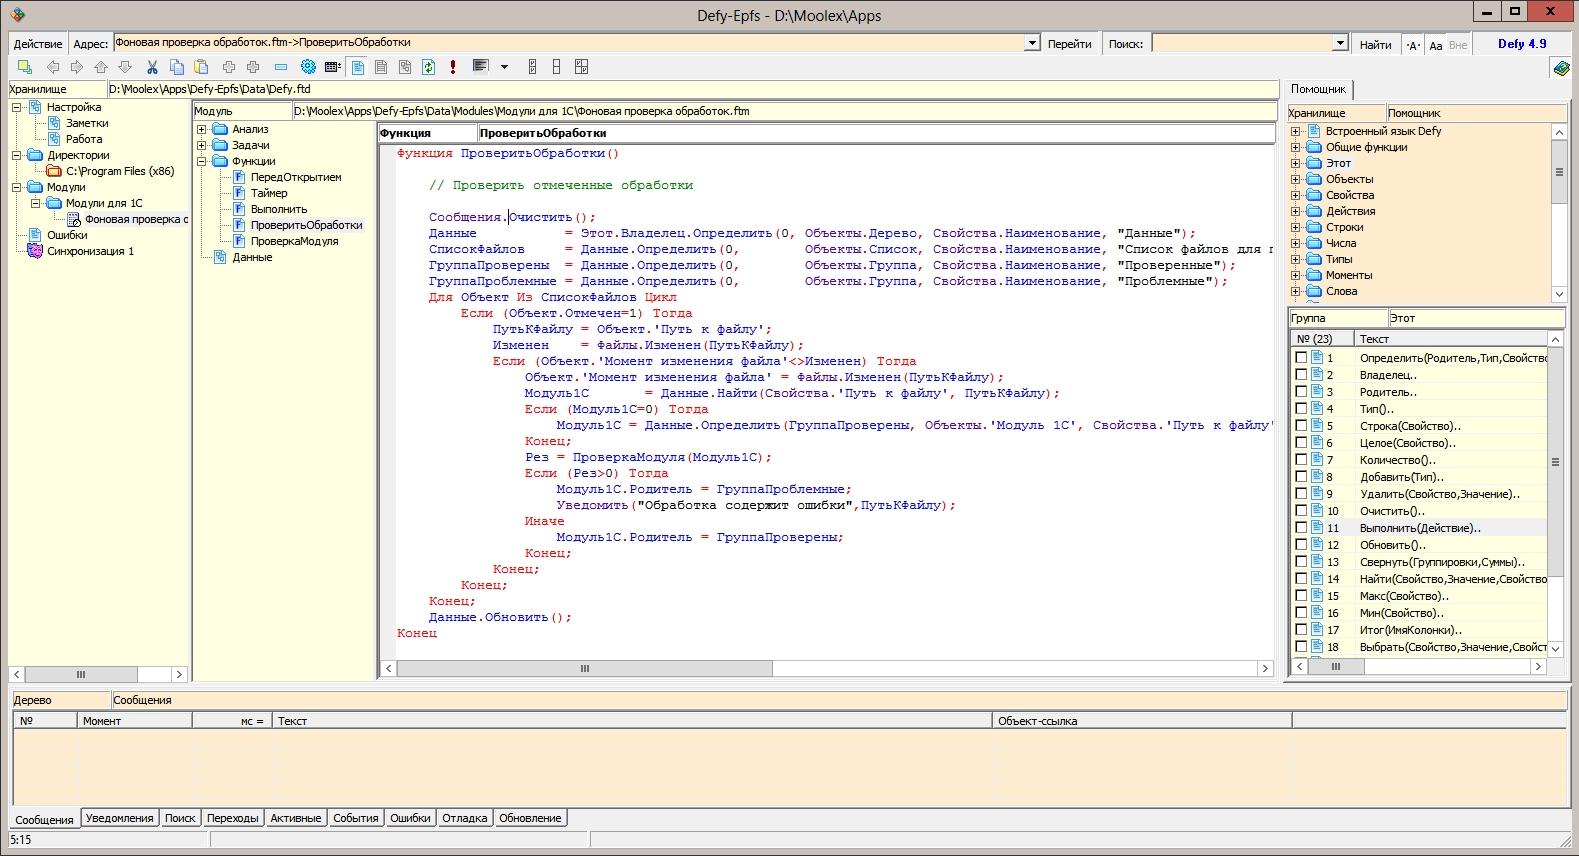 Программист 1с8 напишет обработку куда сохраняются архивы при автоматическом обновление 1с